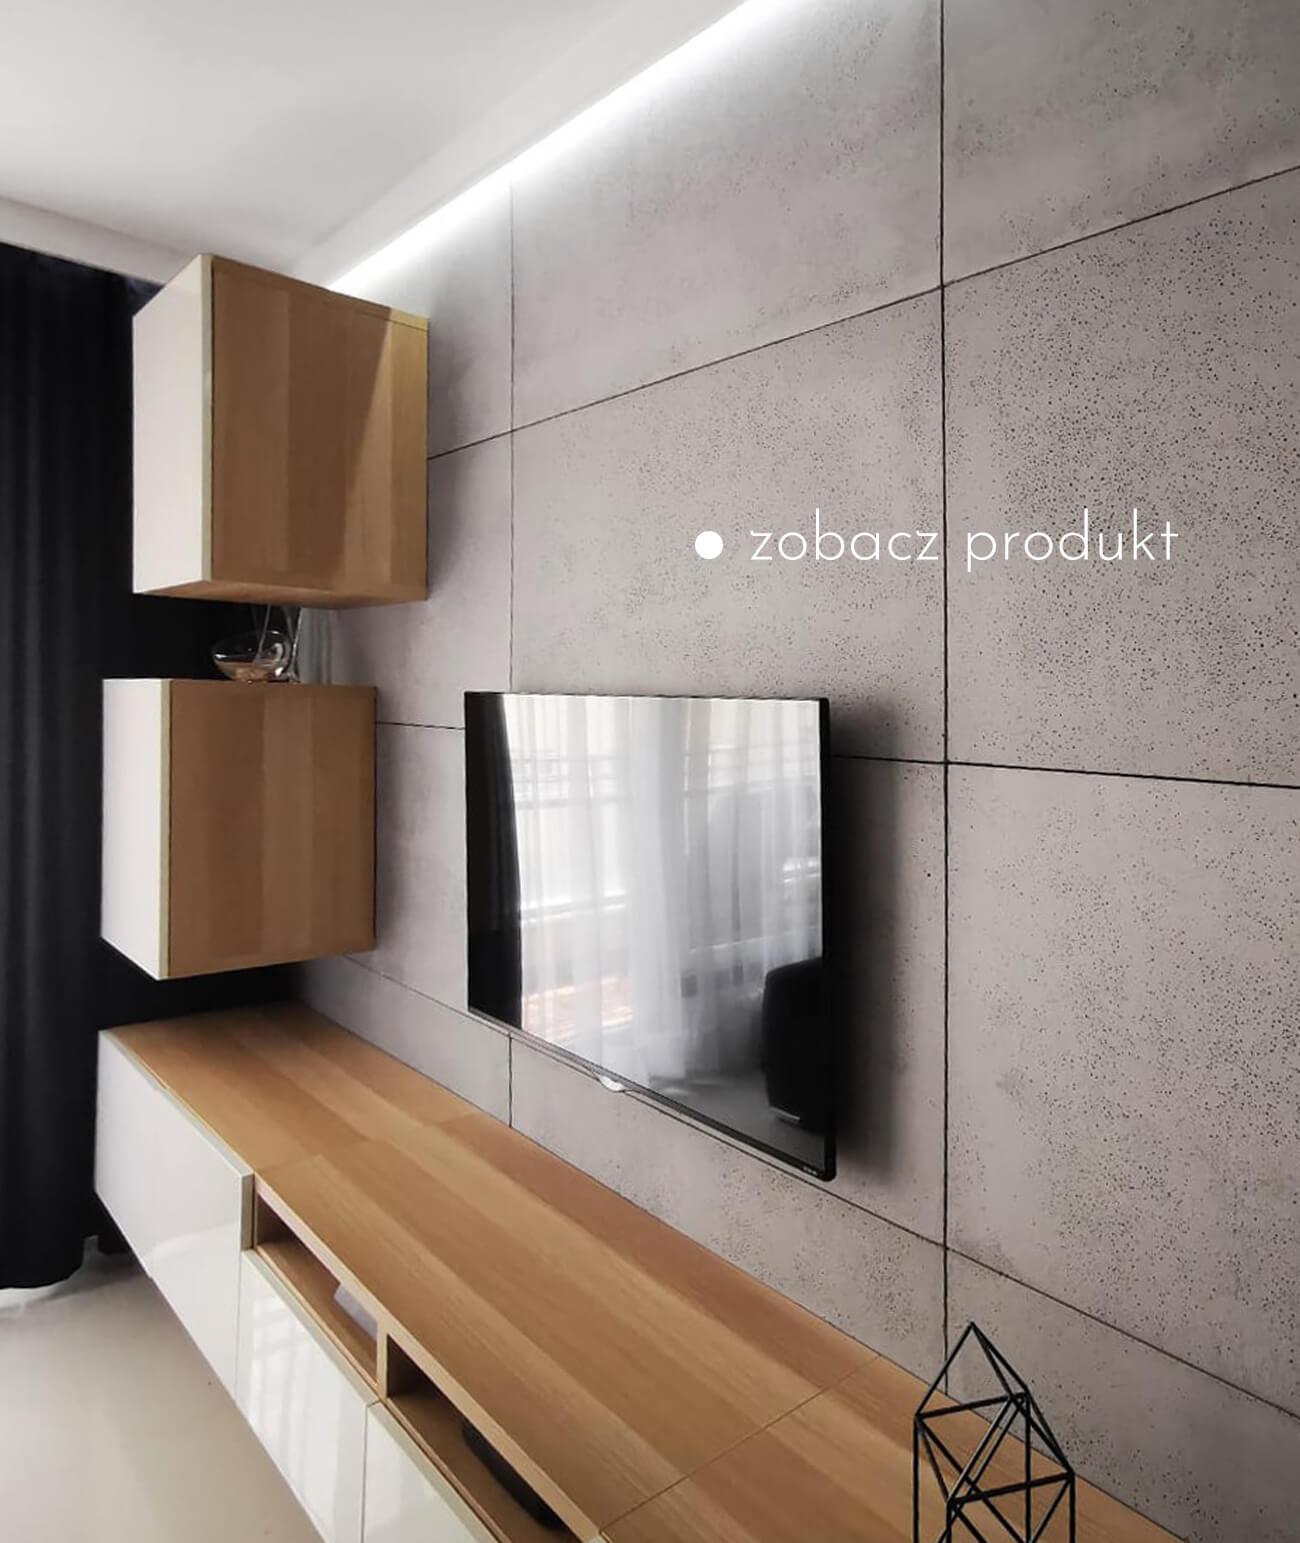 plyty-betonowe-scienne-i-elewacyjne-beton-architektoniczny_1111-24062-ds-jasny-szary---plyta-beton-architektoniczny-grc-rozne-wymiary-ultralekka